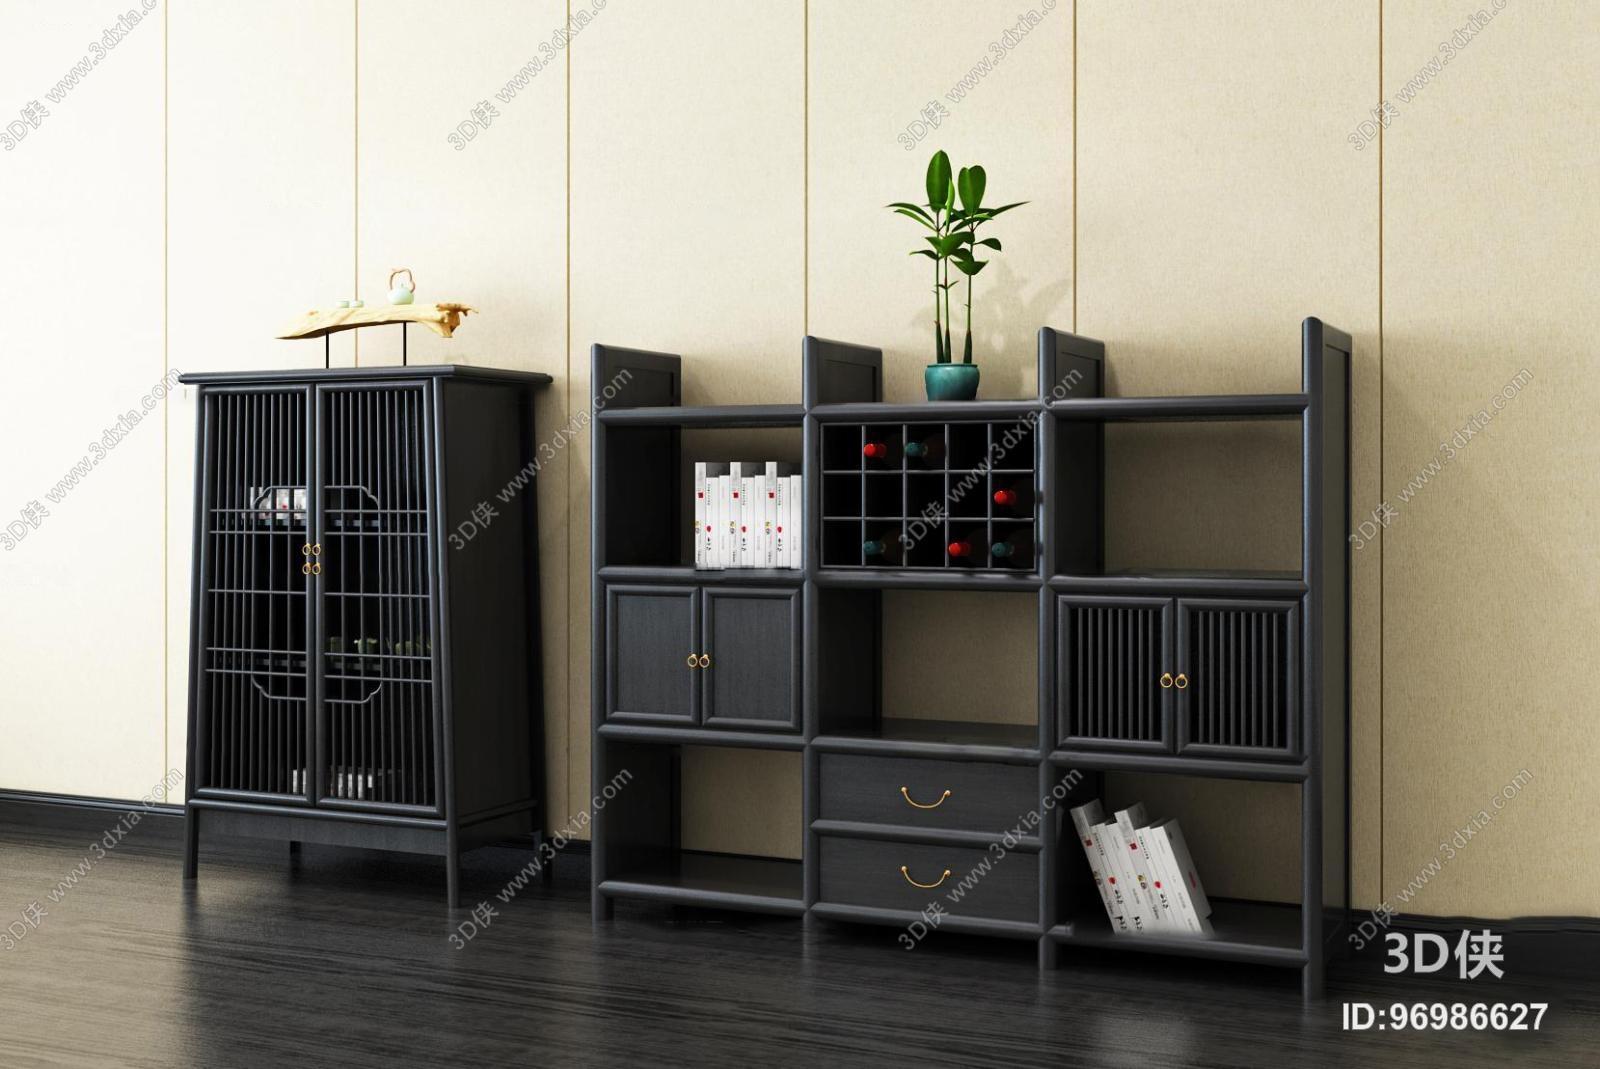 中式实木边柜装饰柜摆件组合3D模型